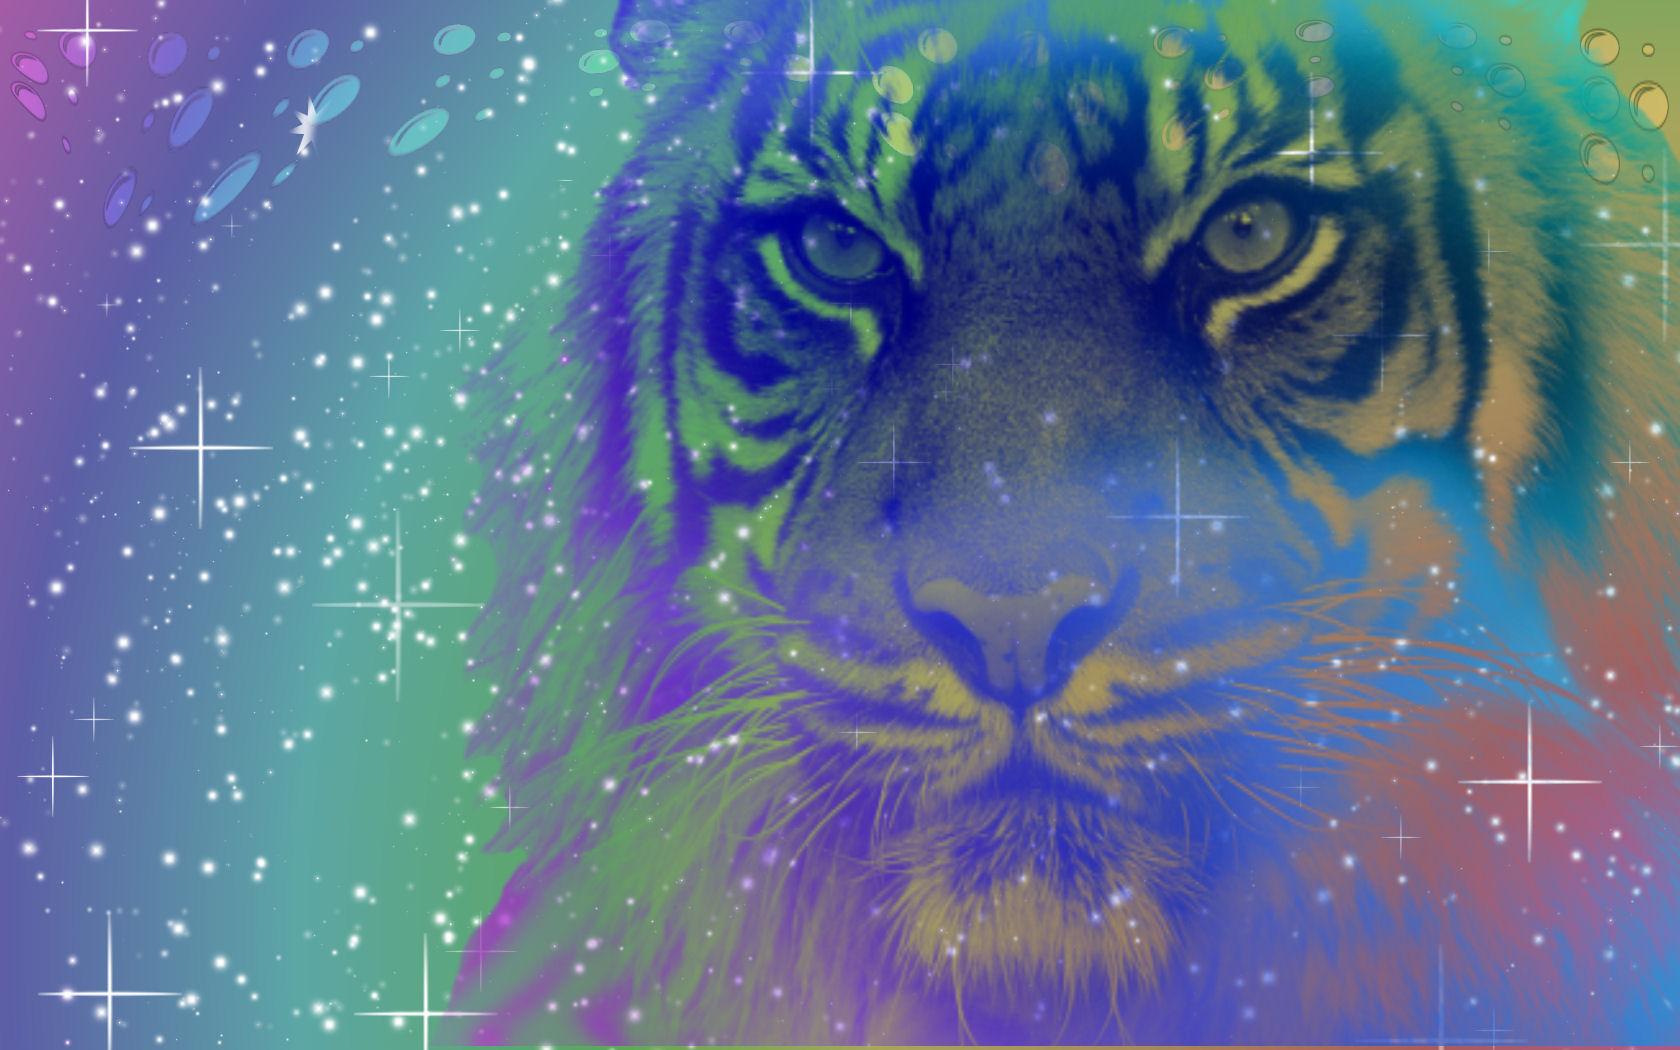 White tiger background tumblr - photo#7